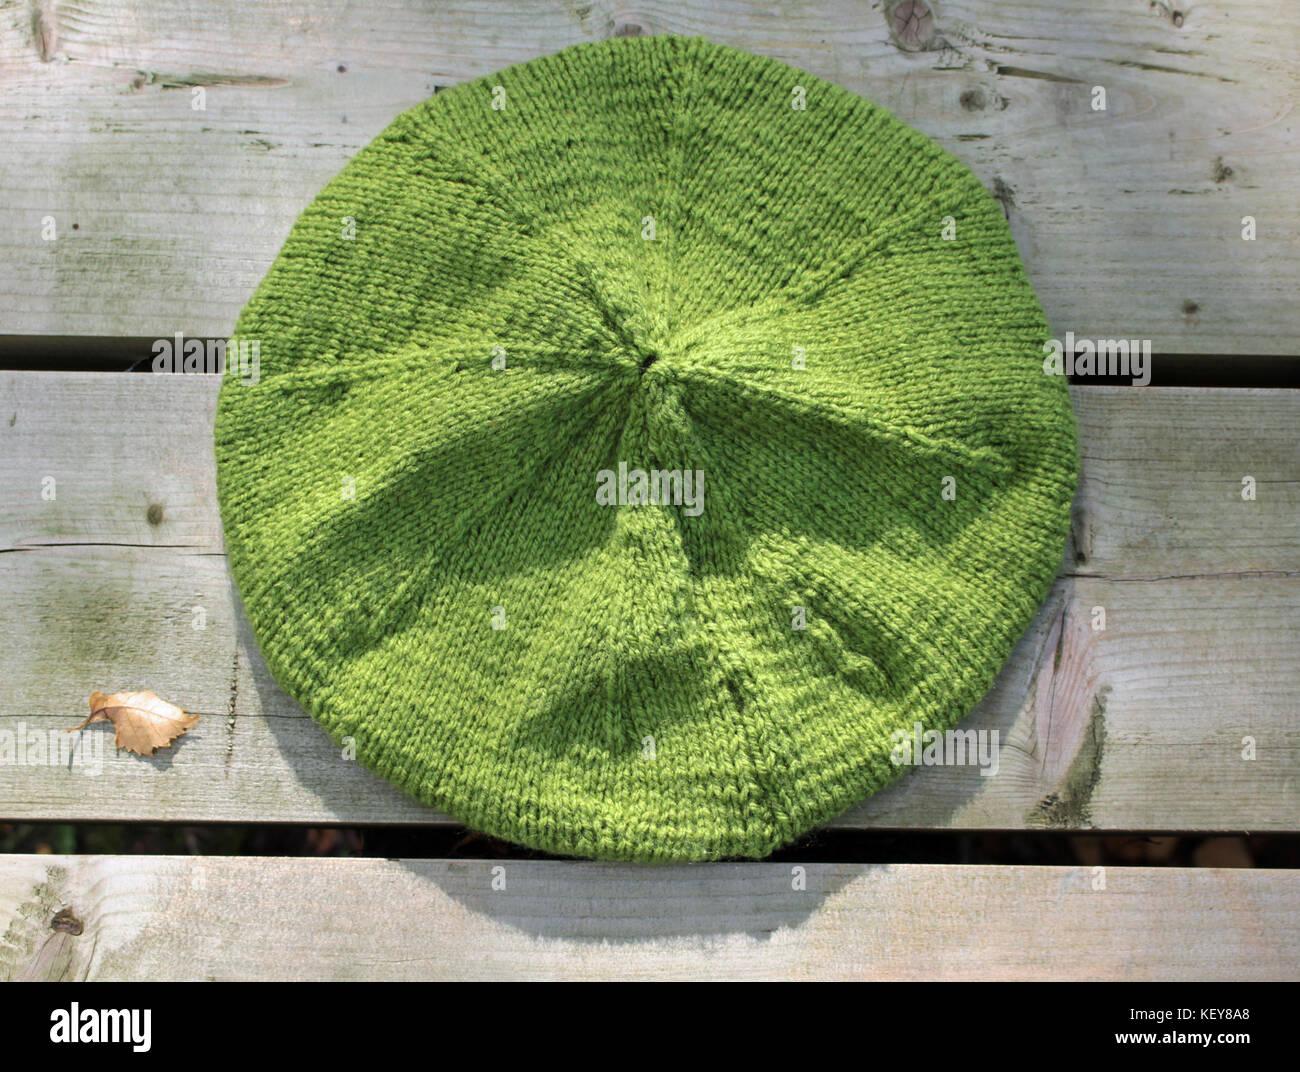 Una boina tejida a mano sobre una mesa de madera. es una prenda de tamaño 40d060ee1dc